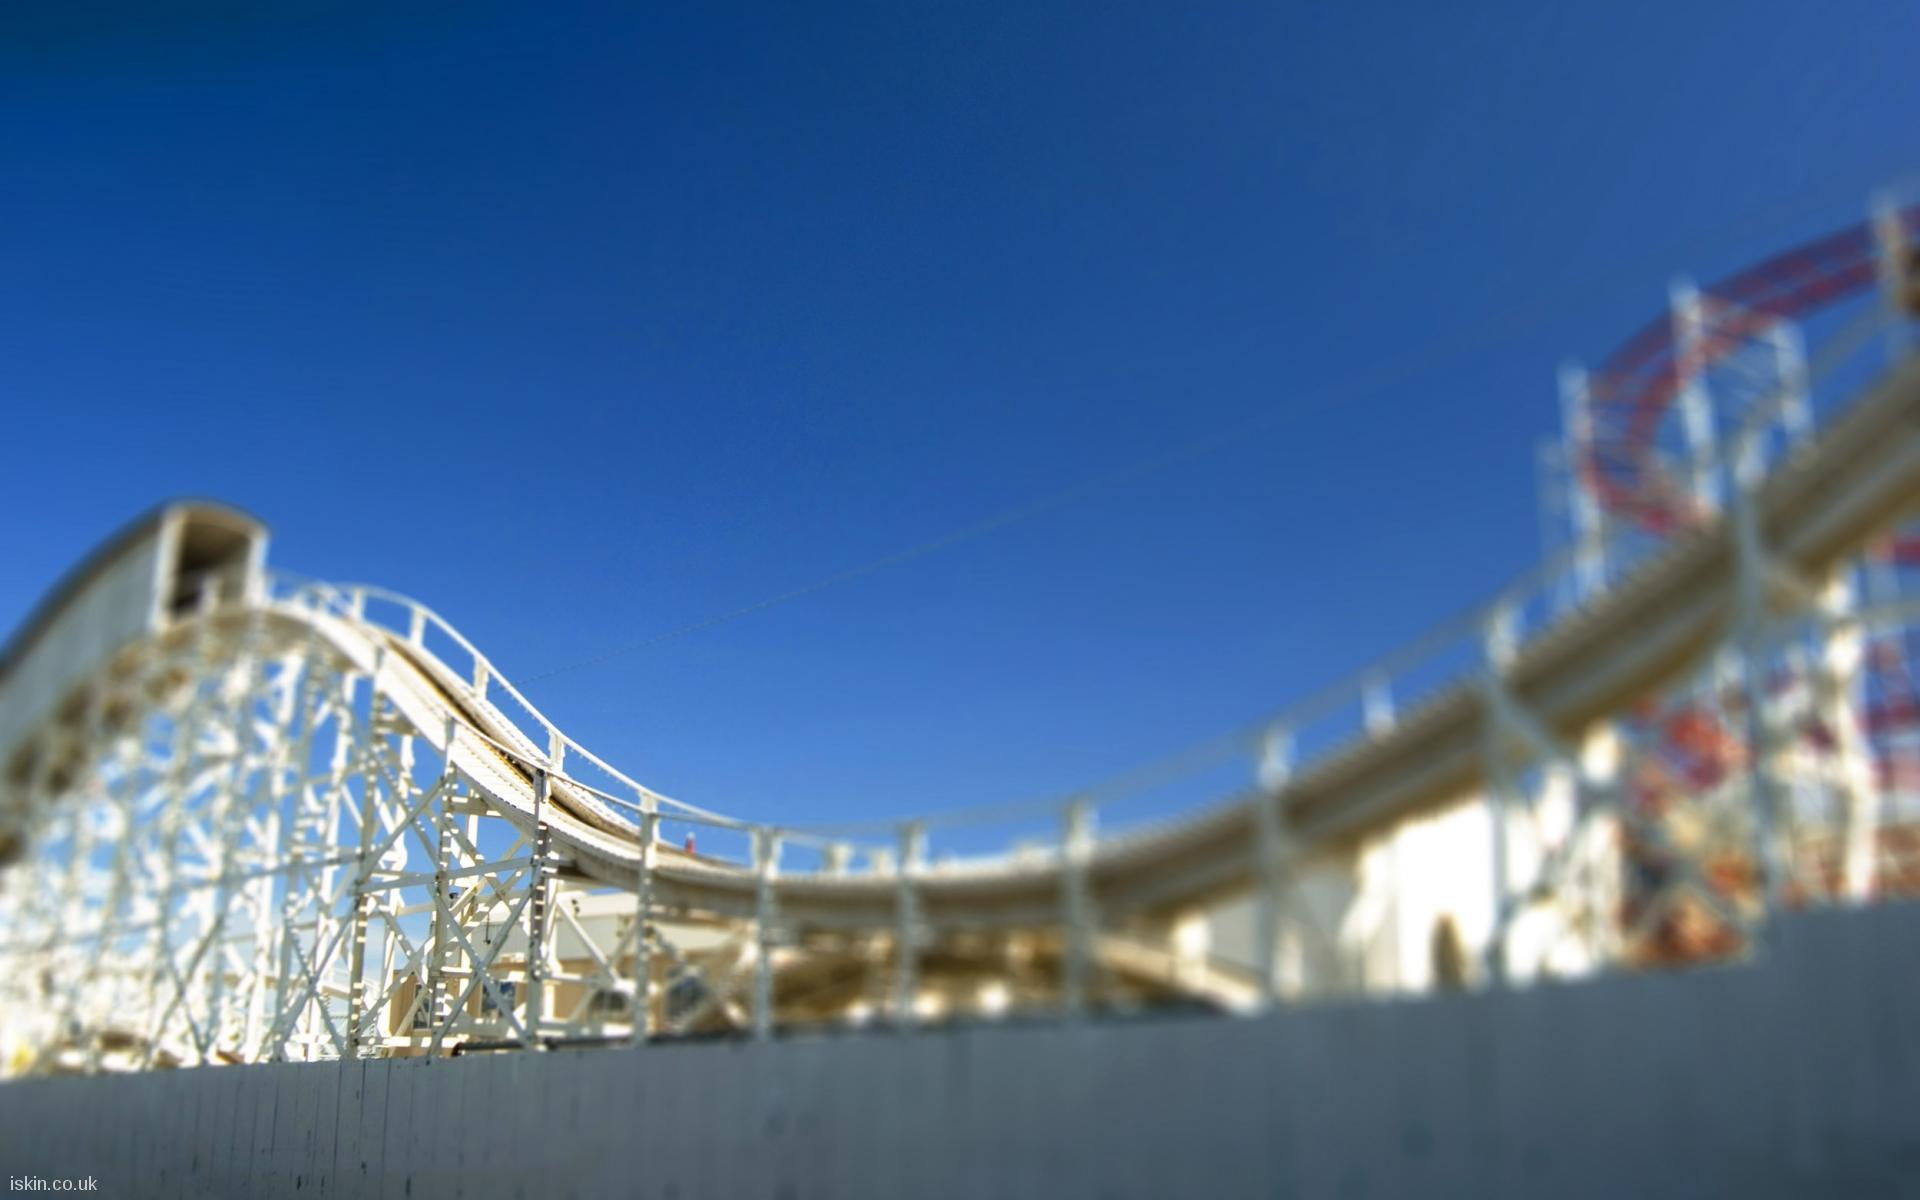 rollercoaster ride desktop wallpaper | iskin.co.uk